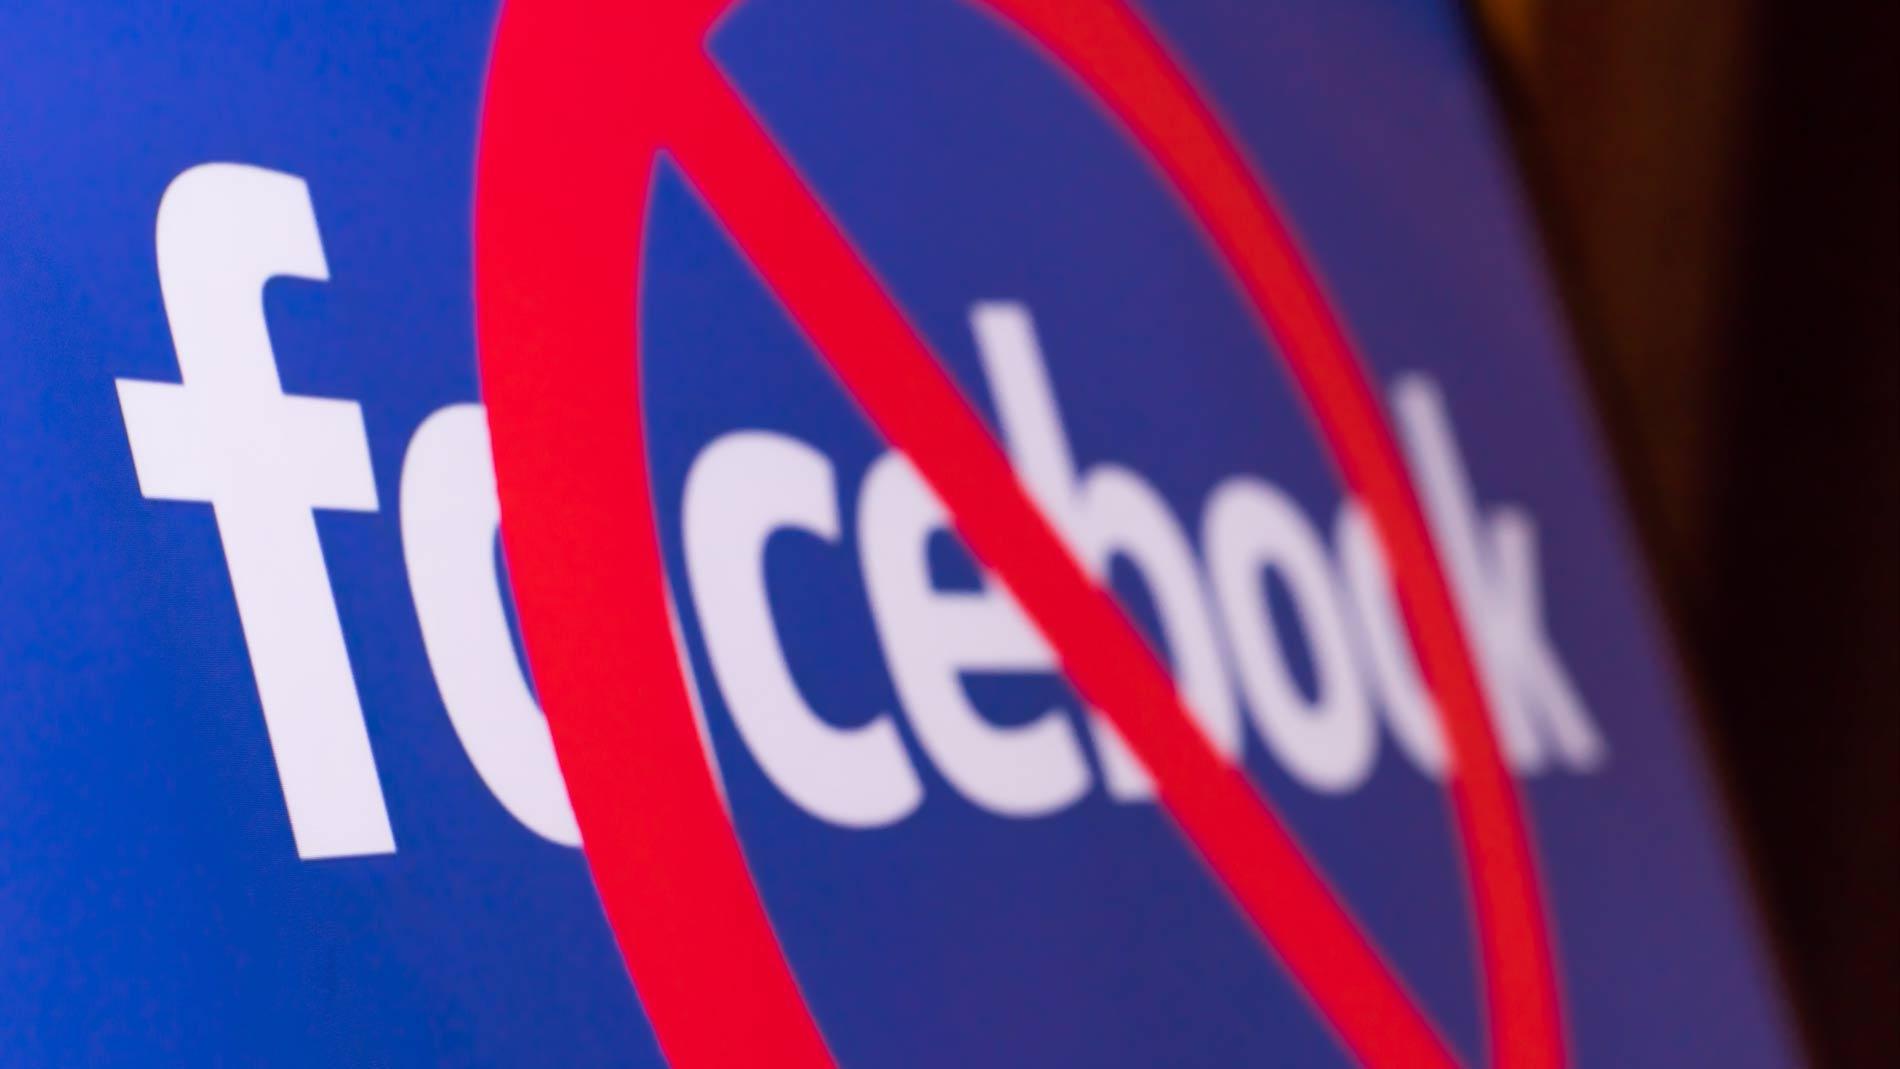 Facebook блокирует тех, кто мыслит неправильно. Соцсеть нужно остановить, но блокировать нельзя